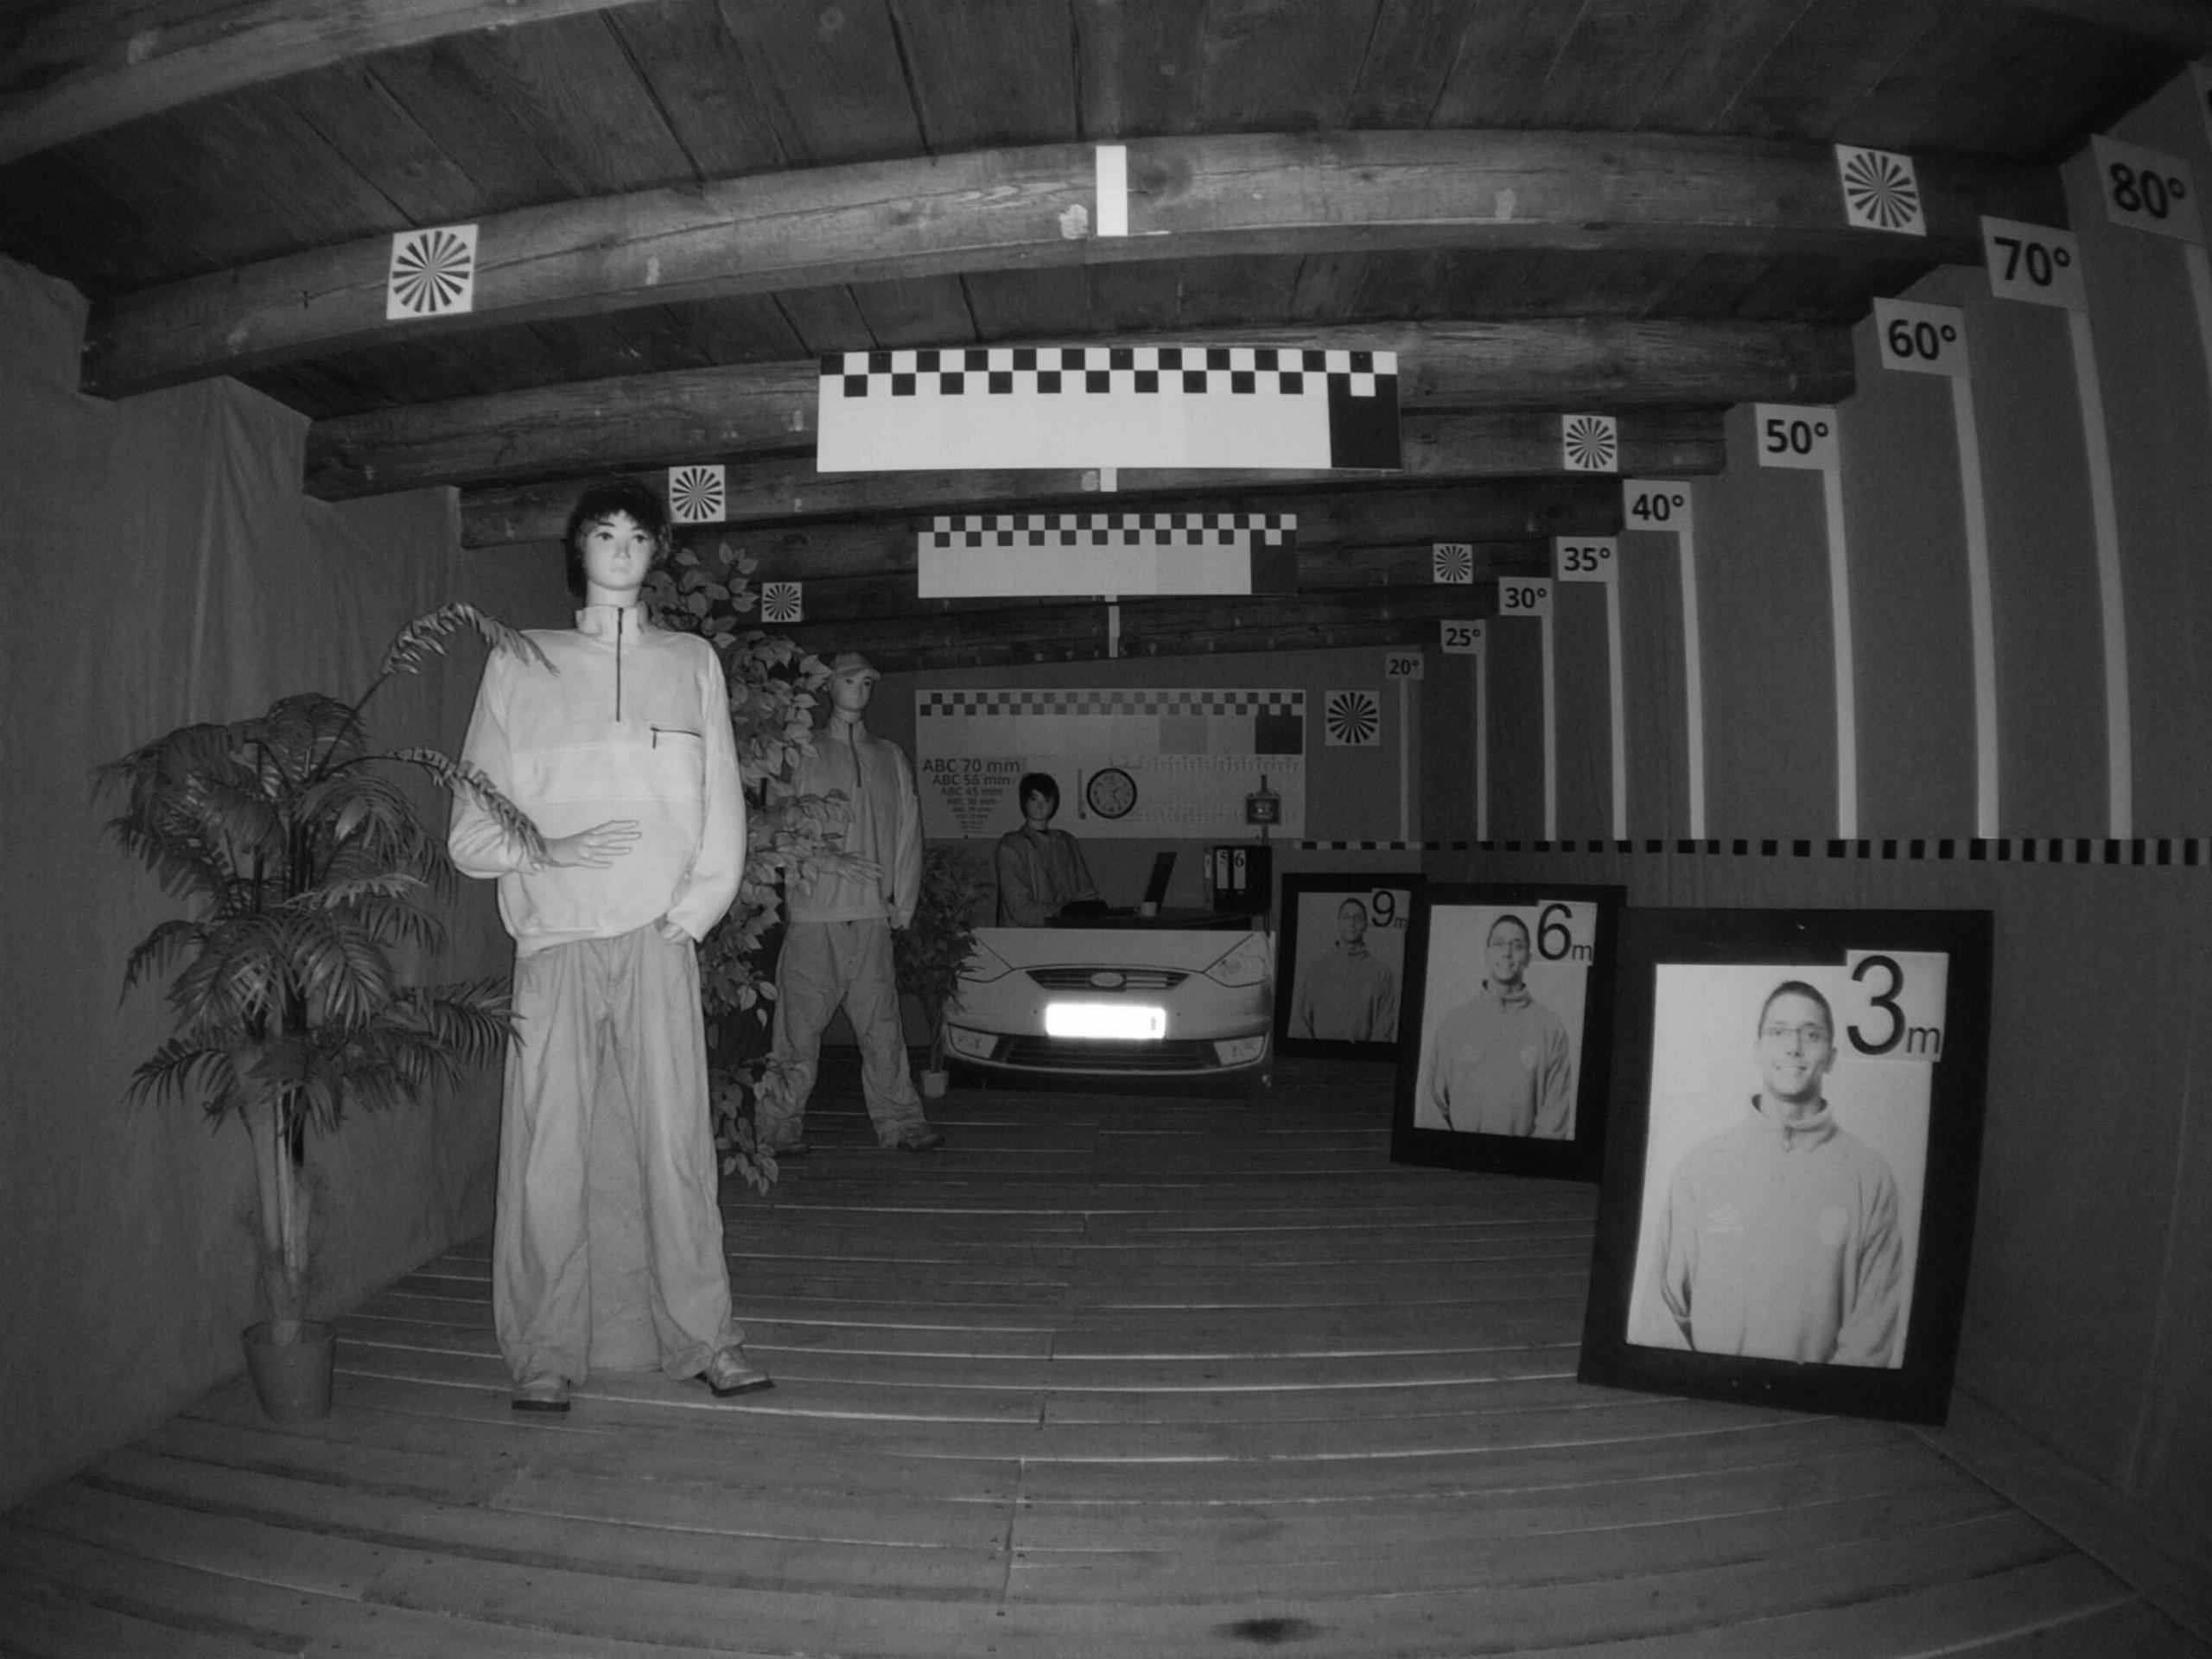 Kamera zew TUBOWA WIFI 3,6mm 5Mpx mSD do 128GB Typ kamery czarno-biała kolorowa na podczerwień